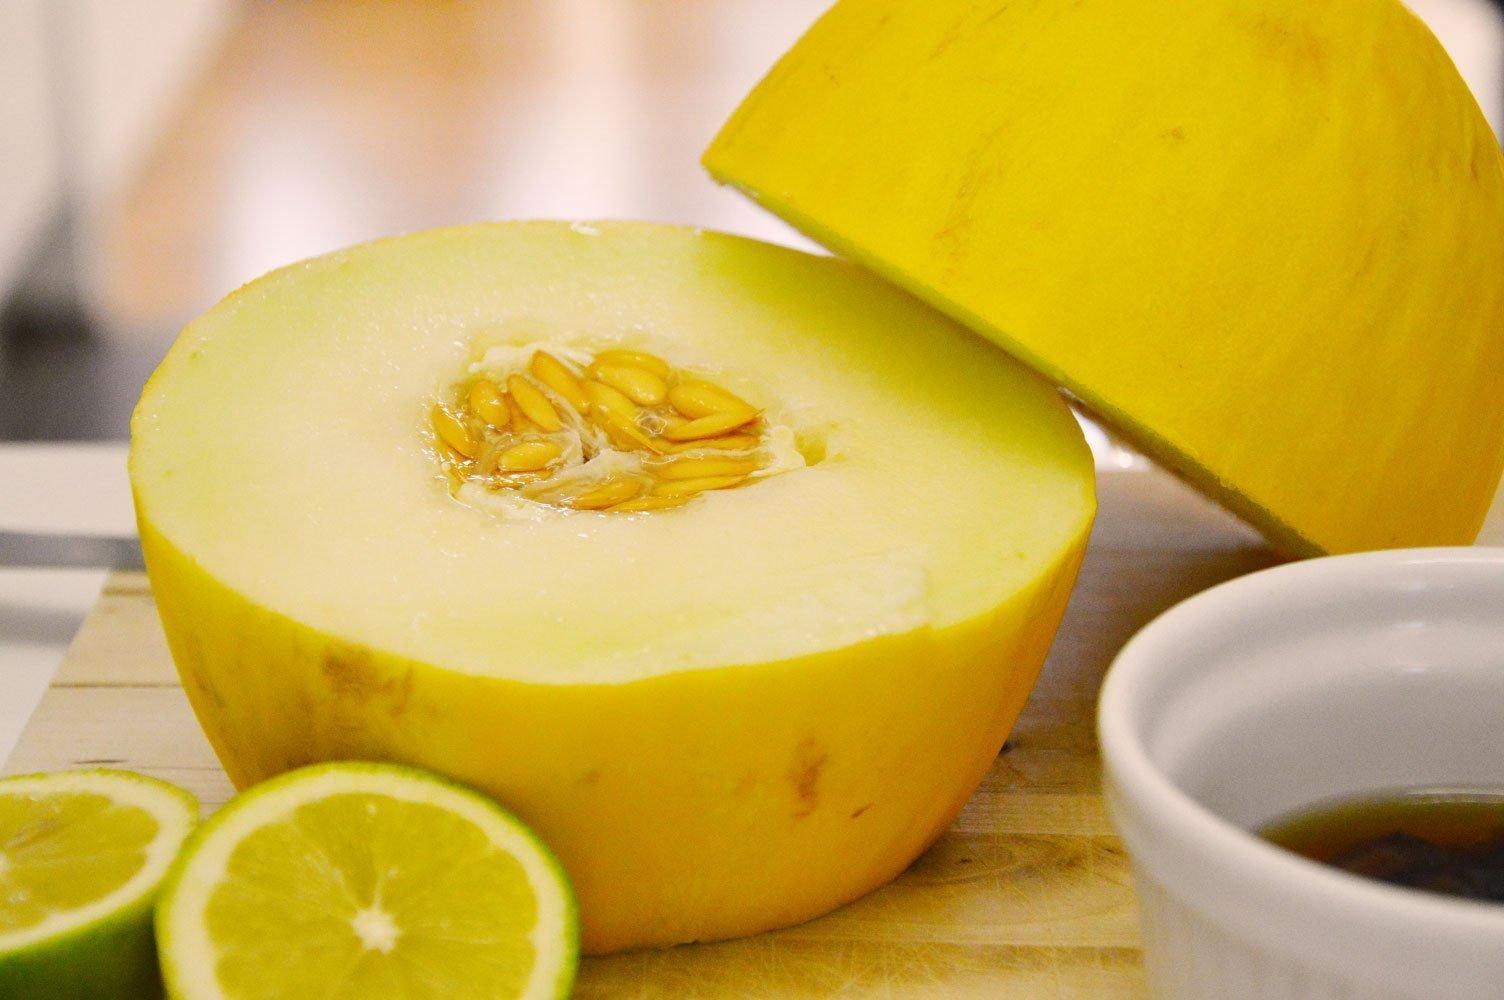 Frische Melone gibt dem Smoothie einen tollen Geschmack